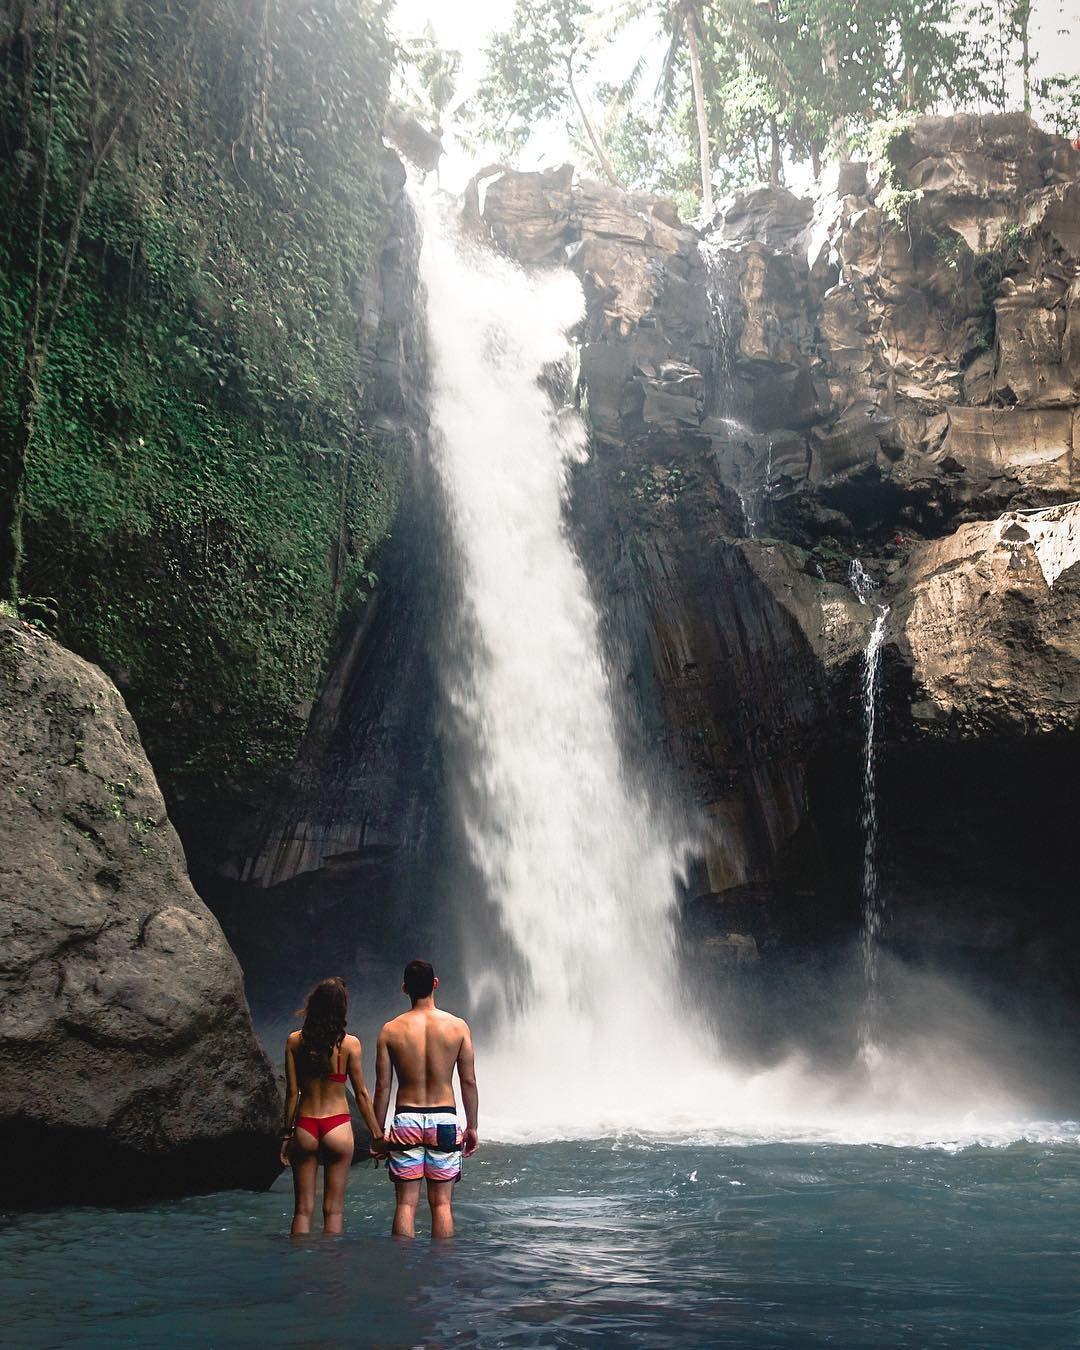 Tegenungan Waterfall Near Ubud, Bali